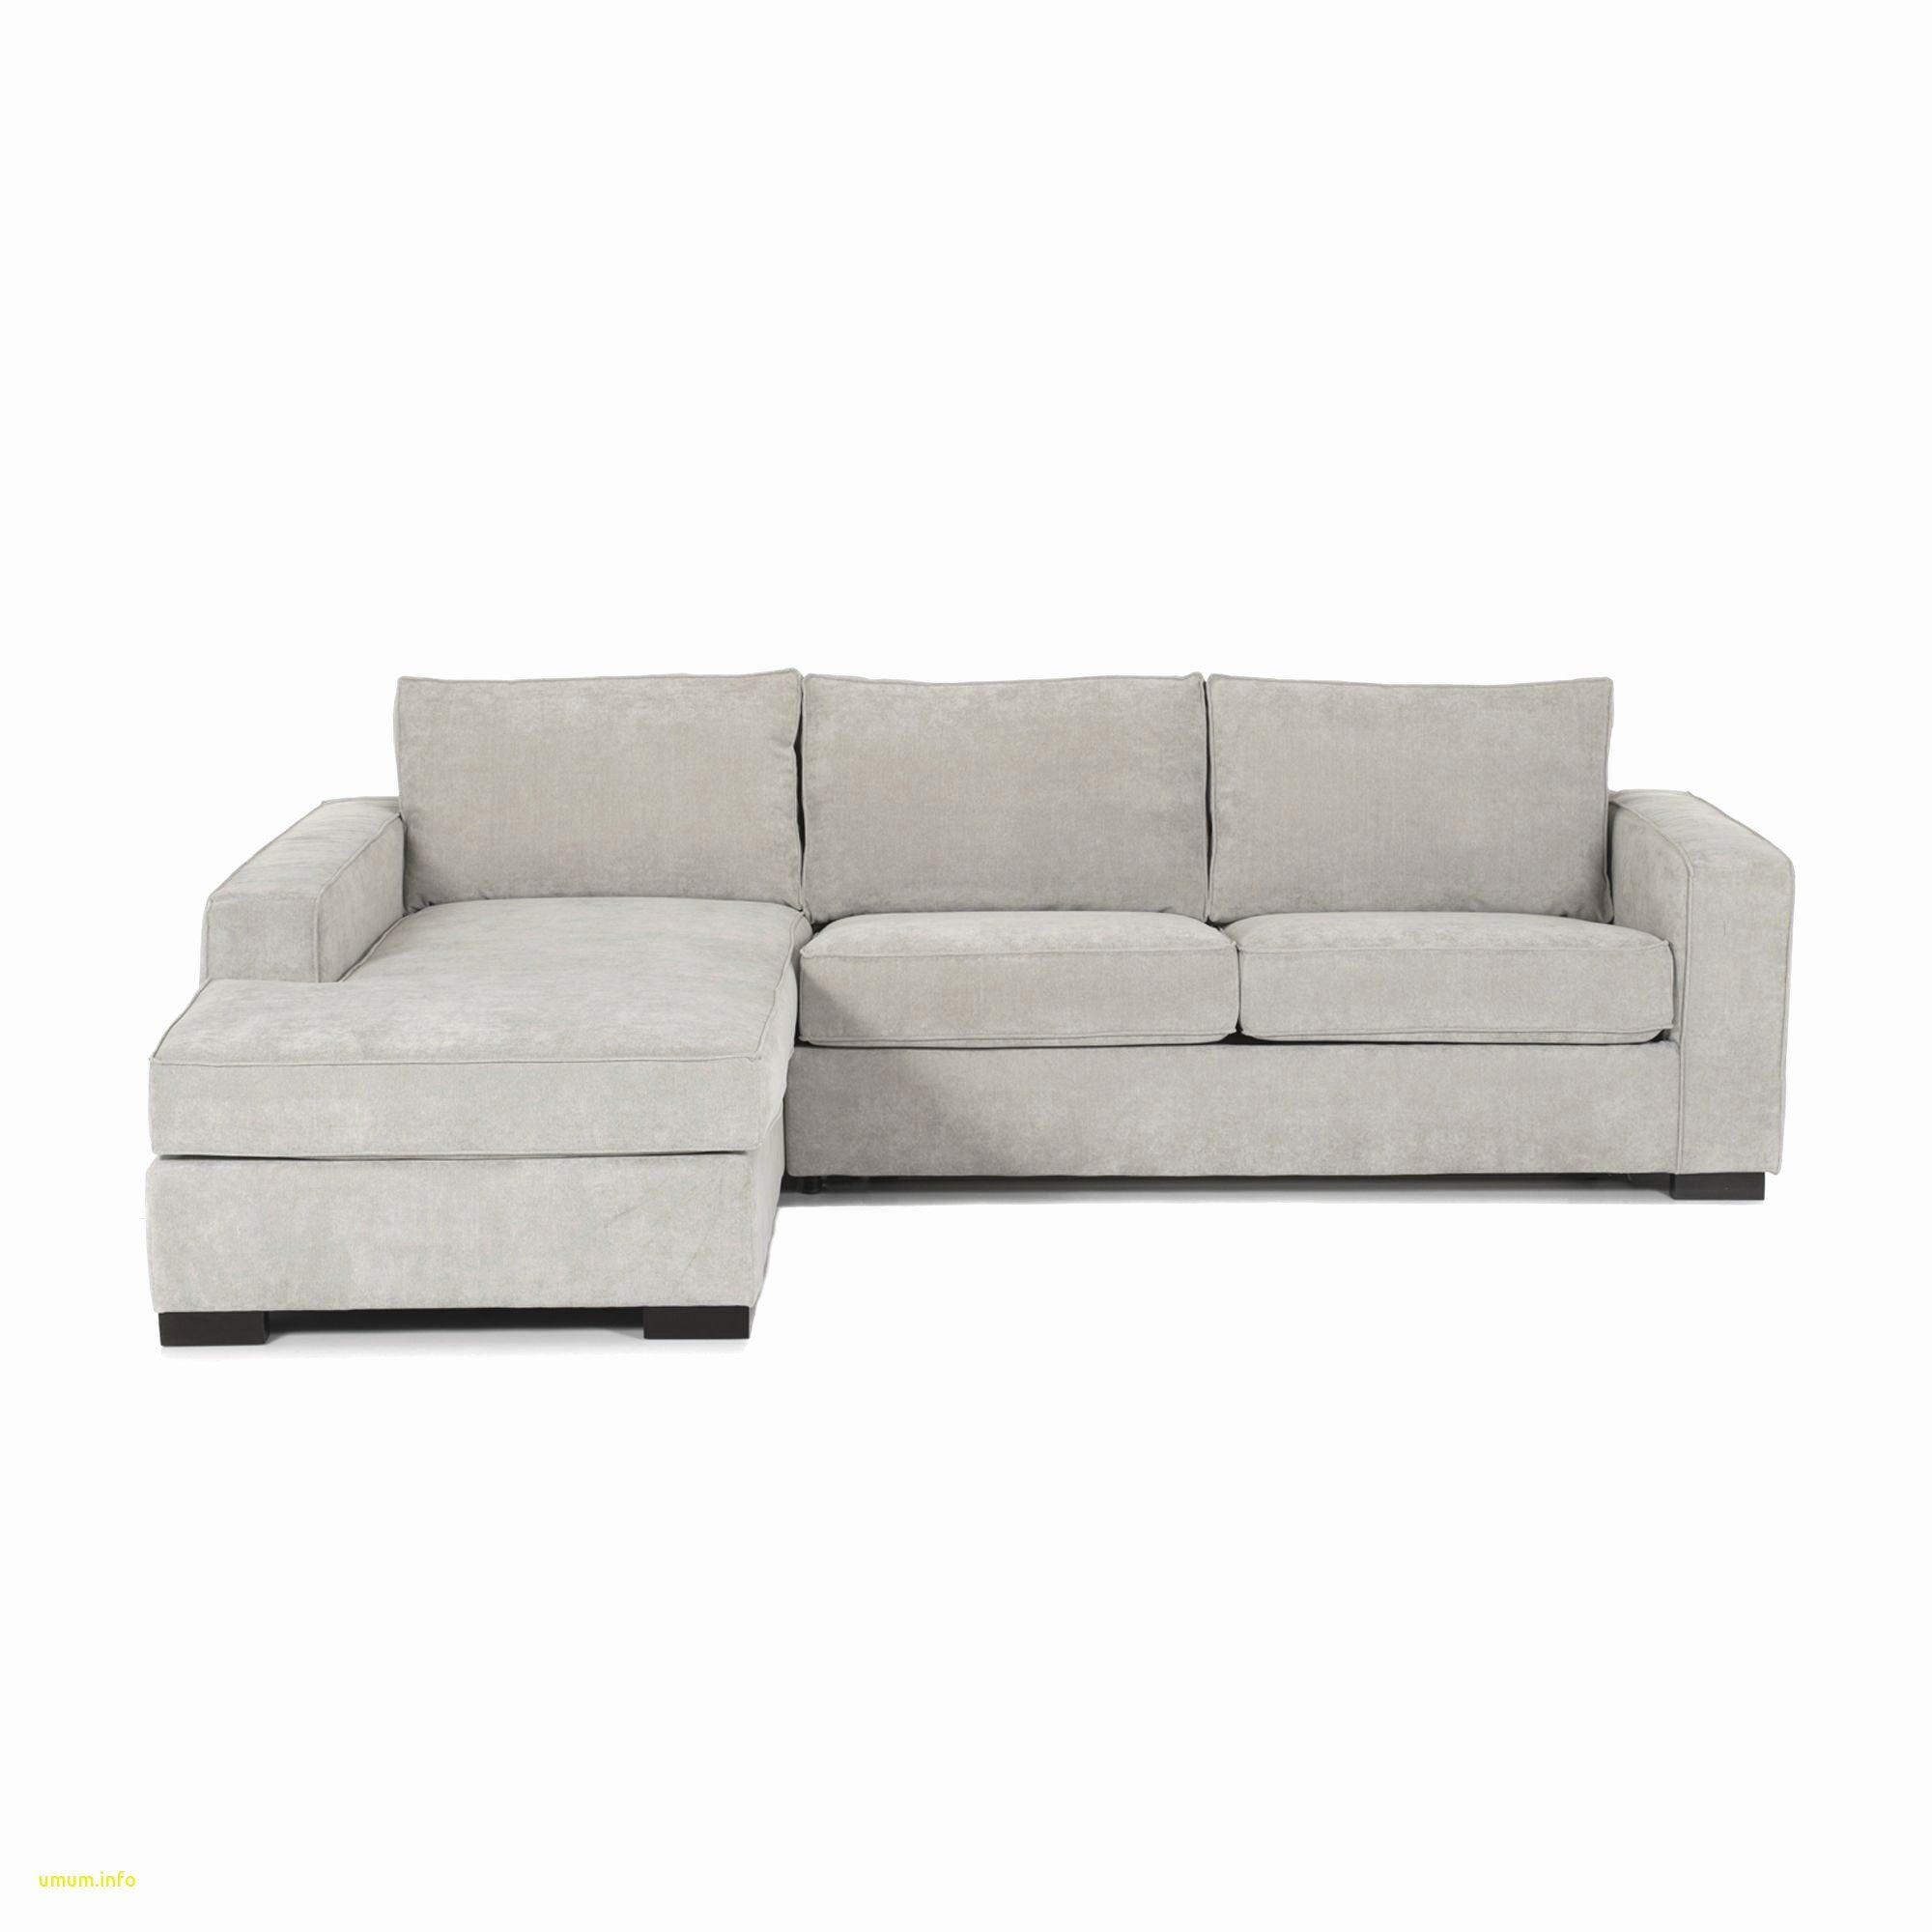 Entra nant Lit Superposé Avec Canapé Sur Lit Biné Armoire Fresh Lit